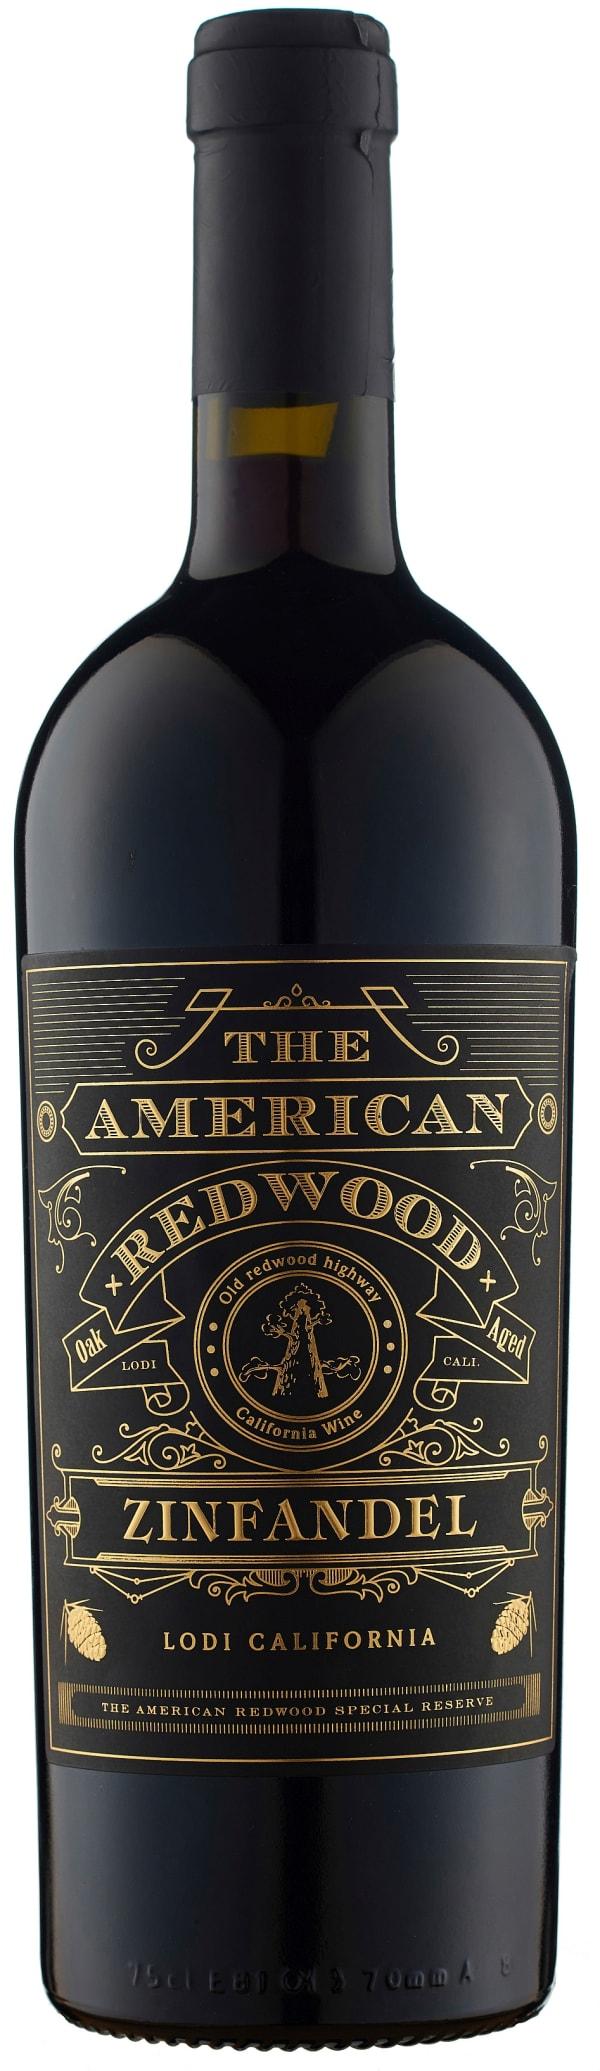 The American Redwood Zinfandel 2018